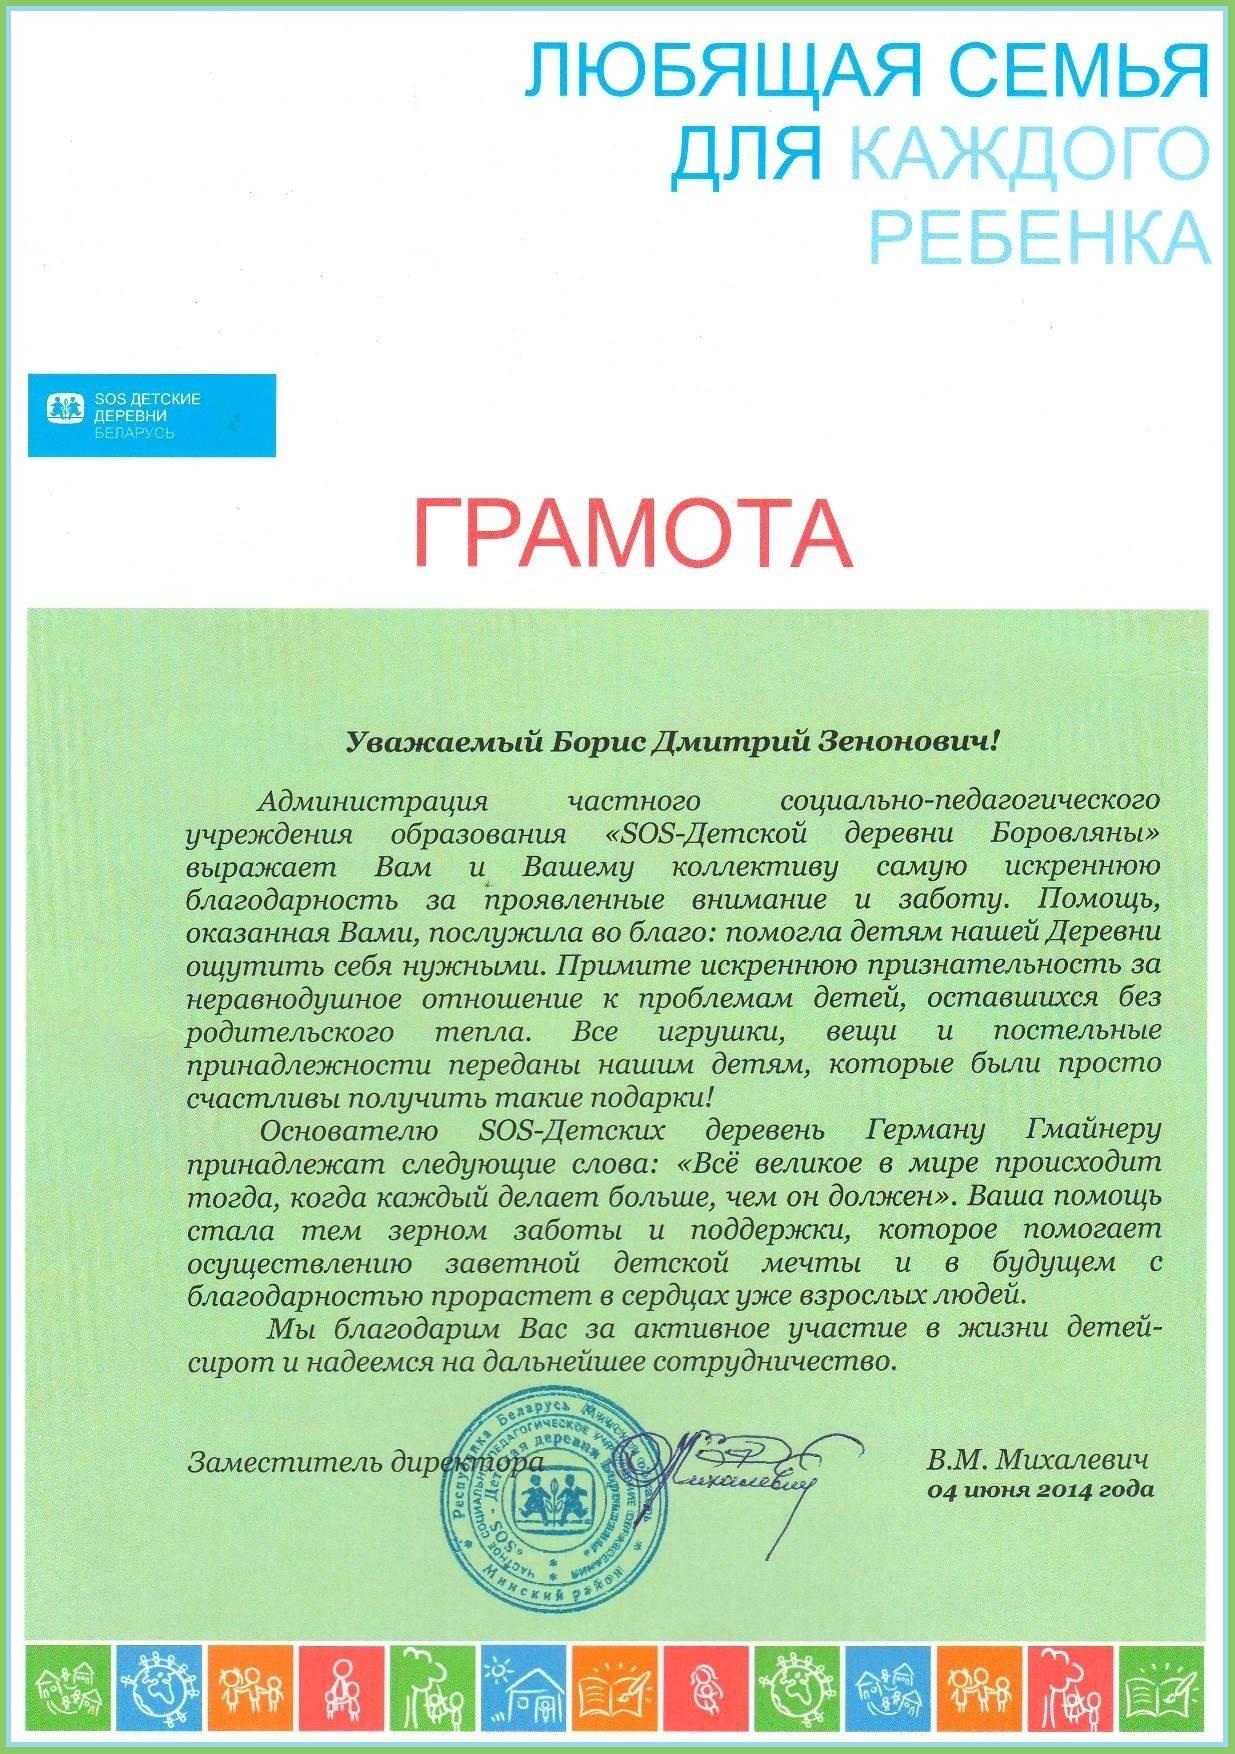 2014-06-04 ГРАМОТА от SOS-Детской деревни Боровляны